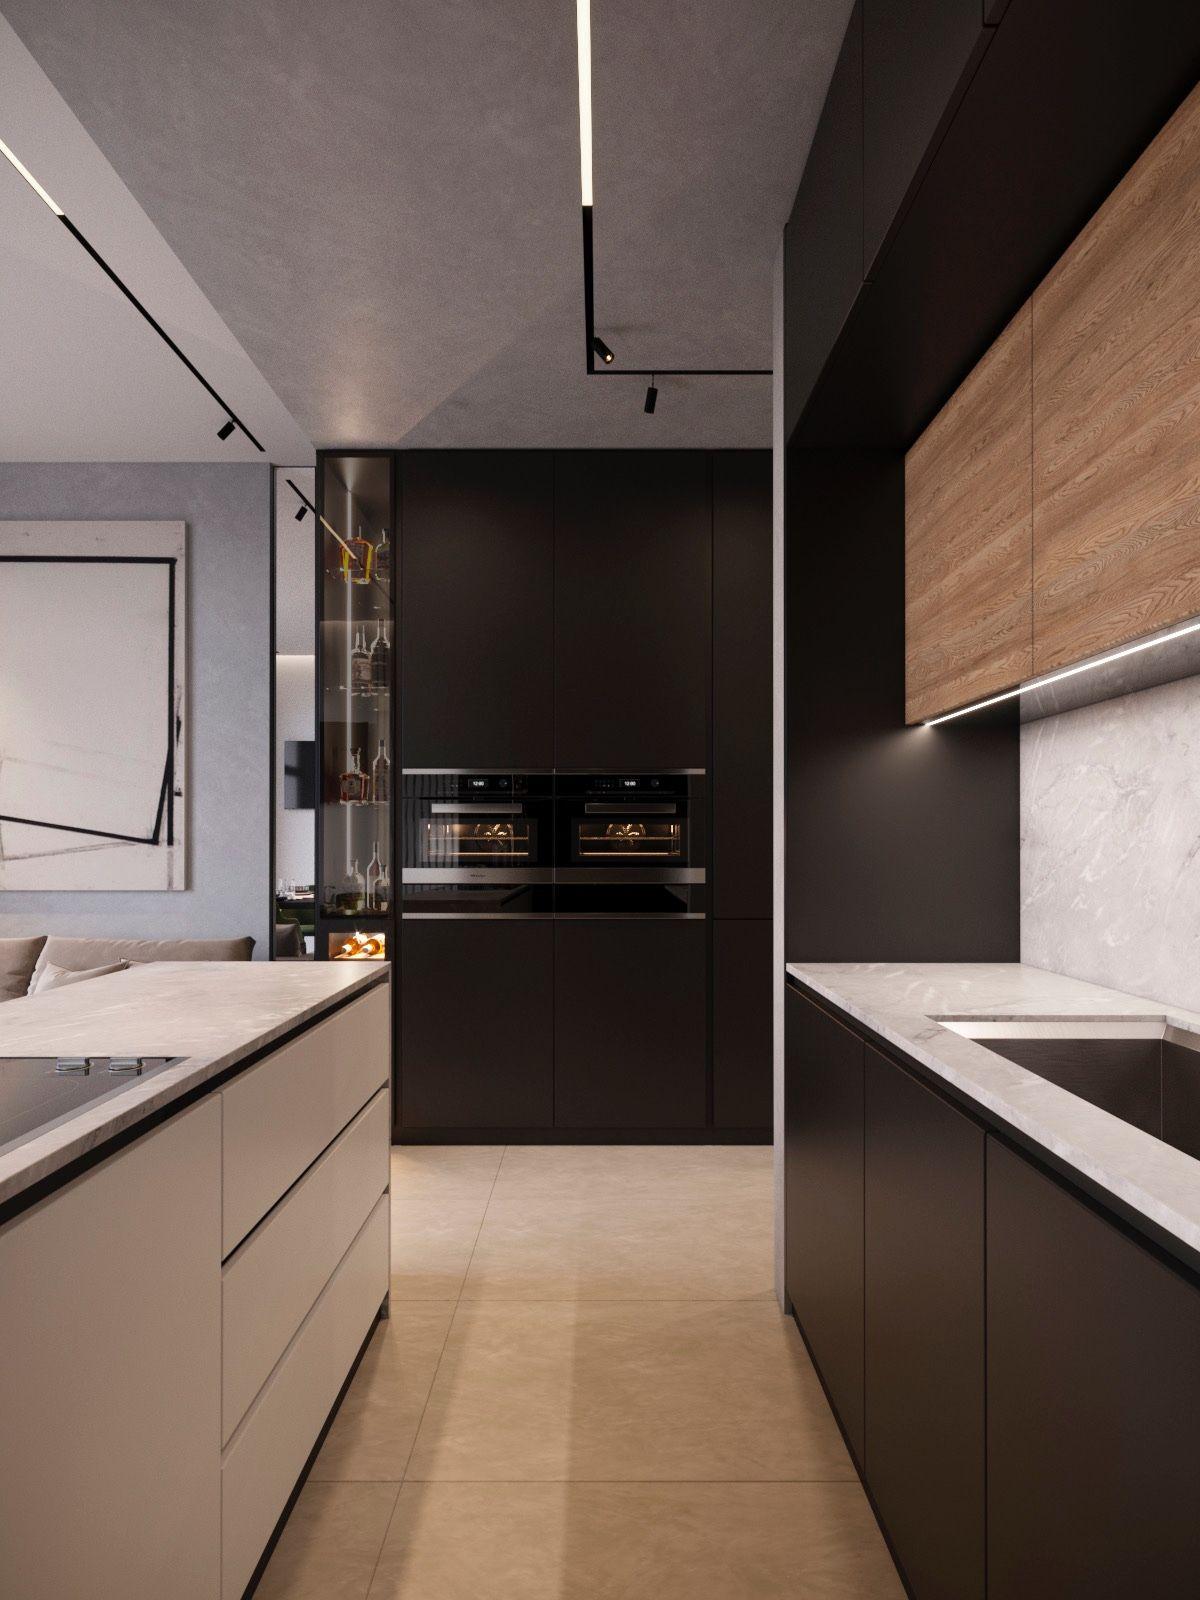 New Project Zilart Kitchen Interior Kitchen Kitchen Cabinets